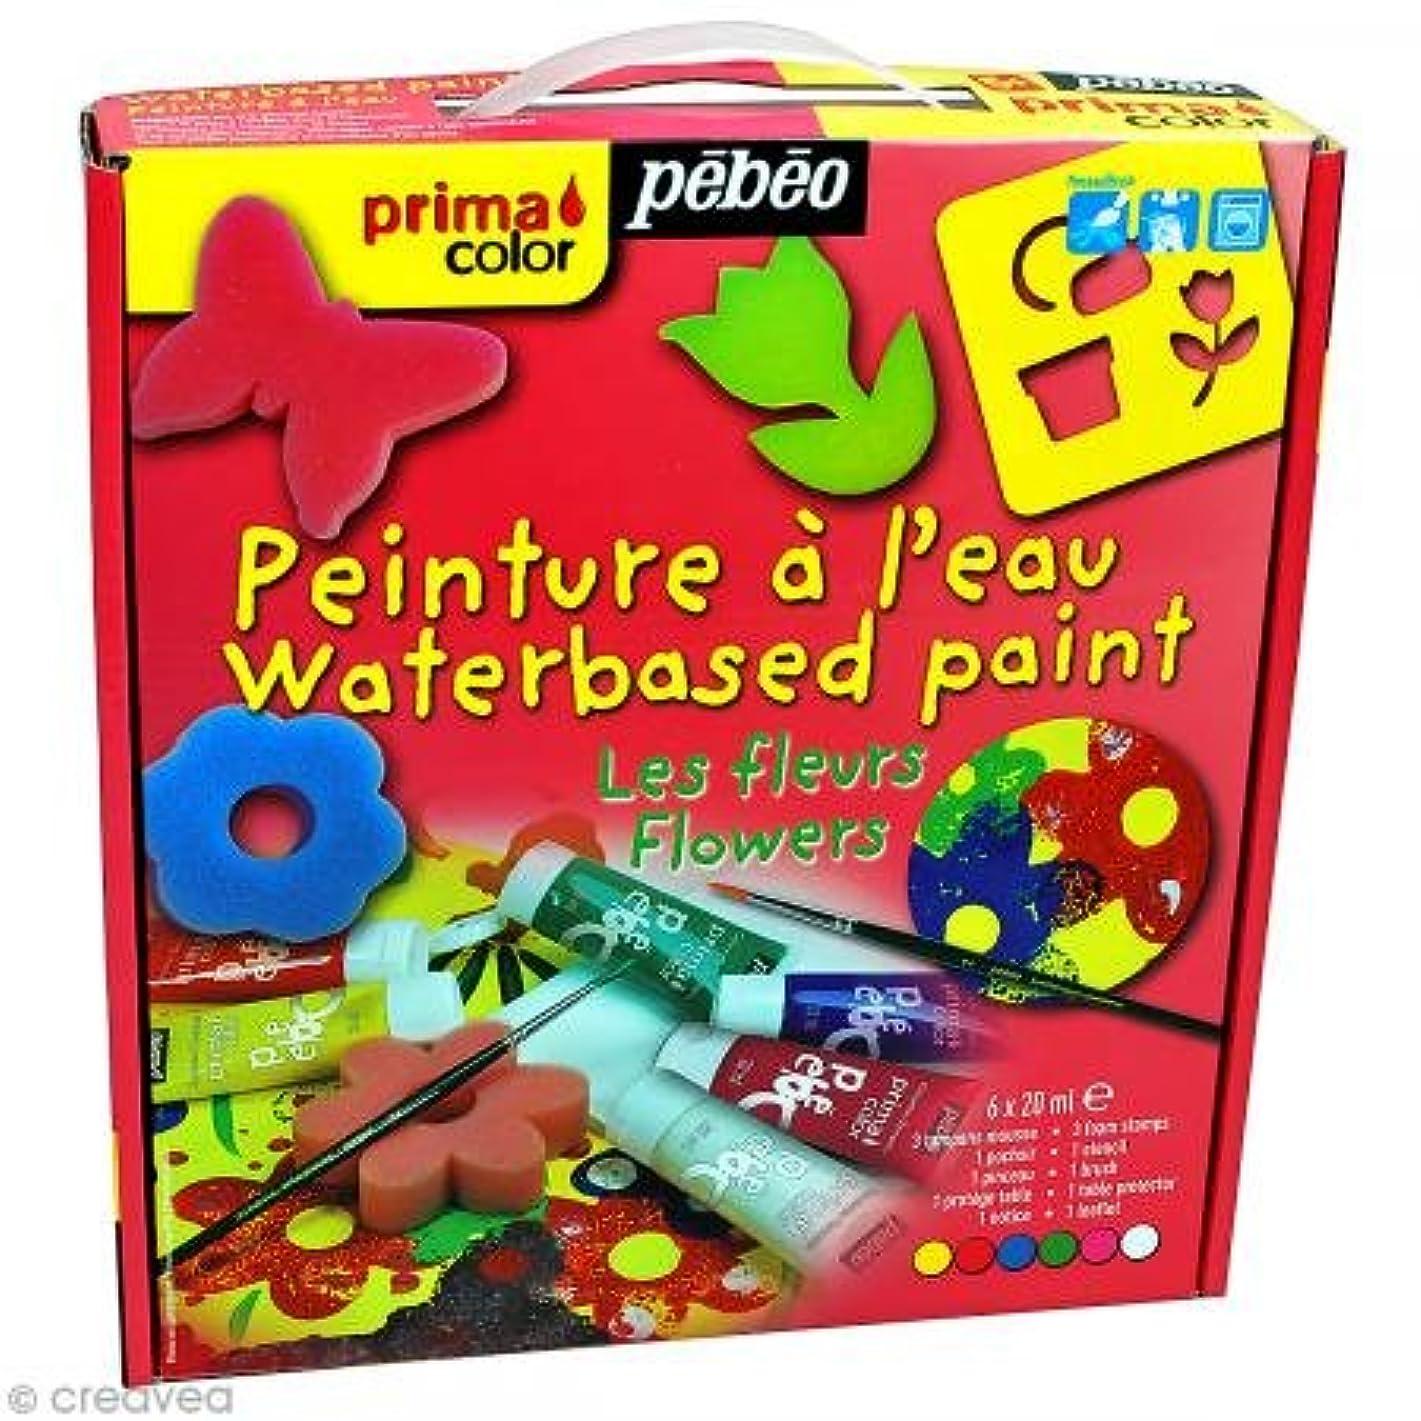 Pebeo Tactilcolor, Finger Paint, Animals Mini Atelier Kit, 6 X 20 ml Tubes